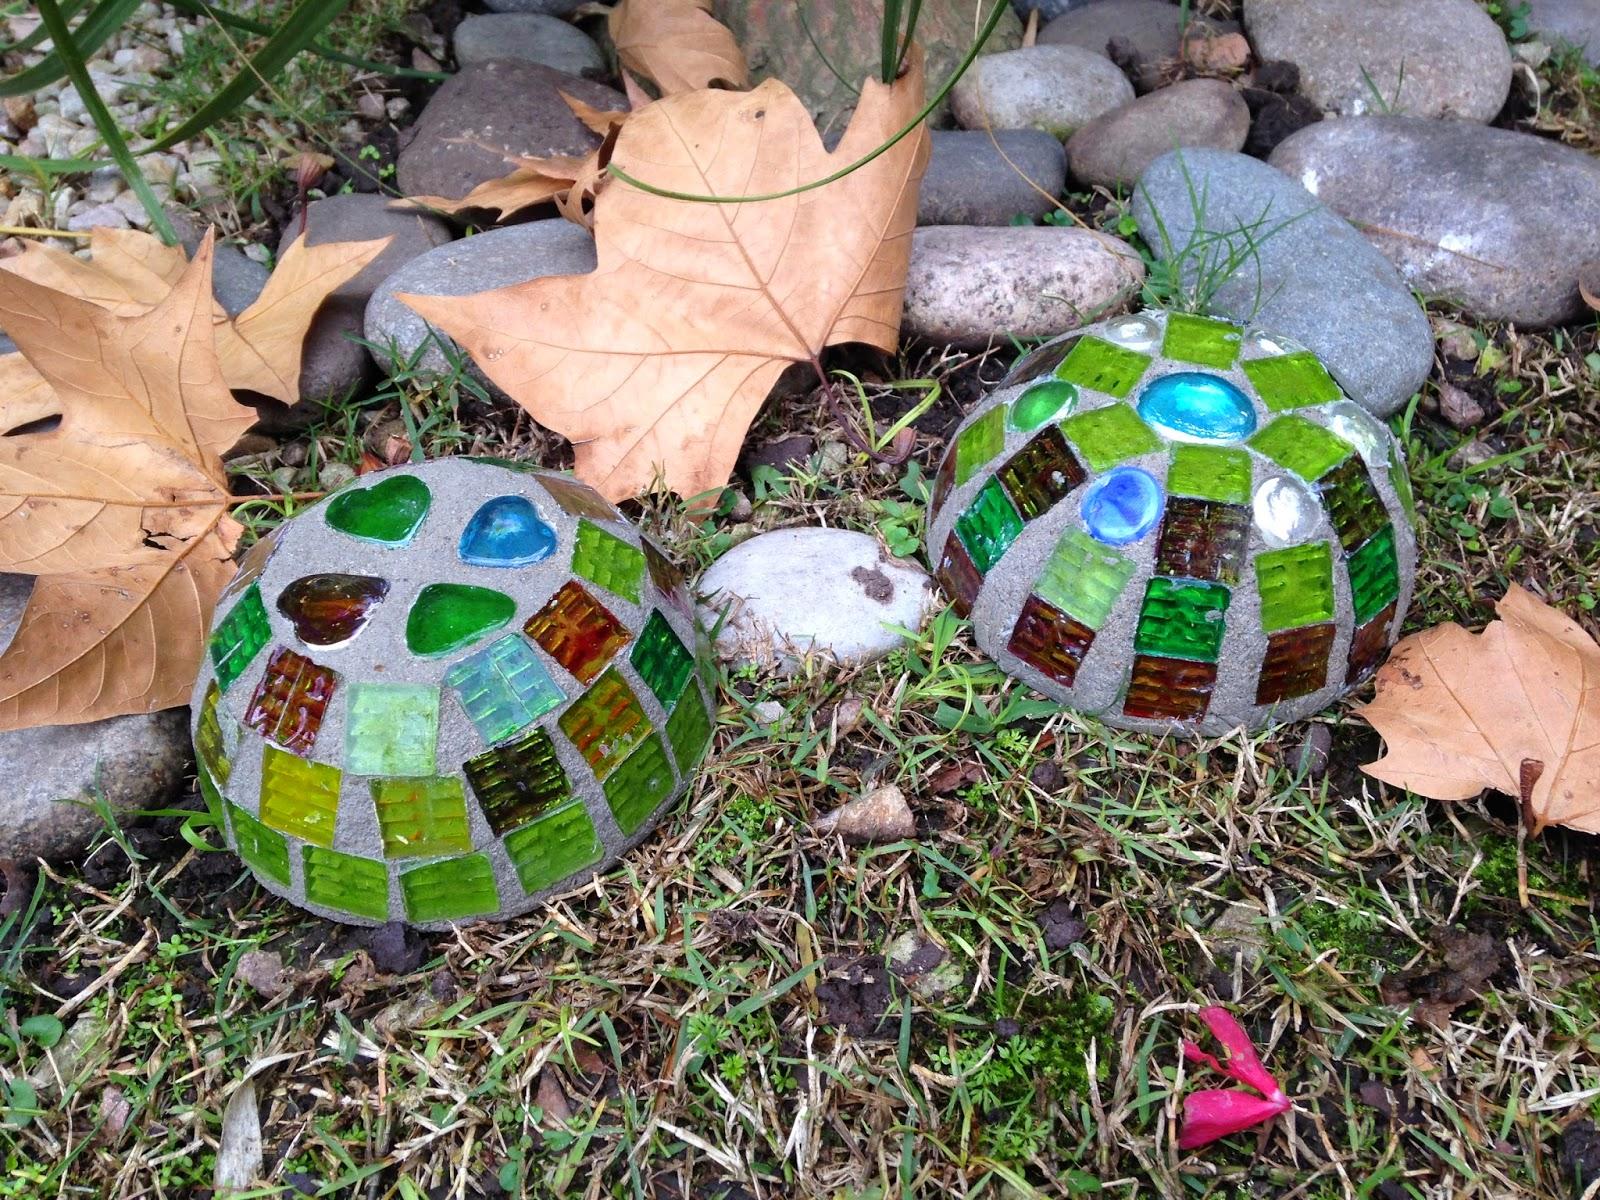 Primero forre dos recipientes con papel film y les pegu for Adornos jardin